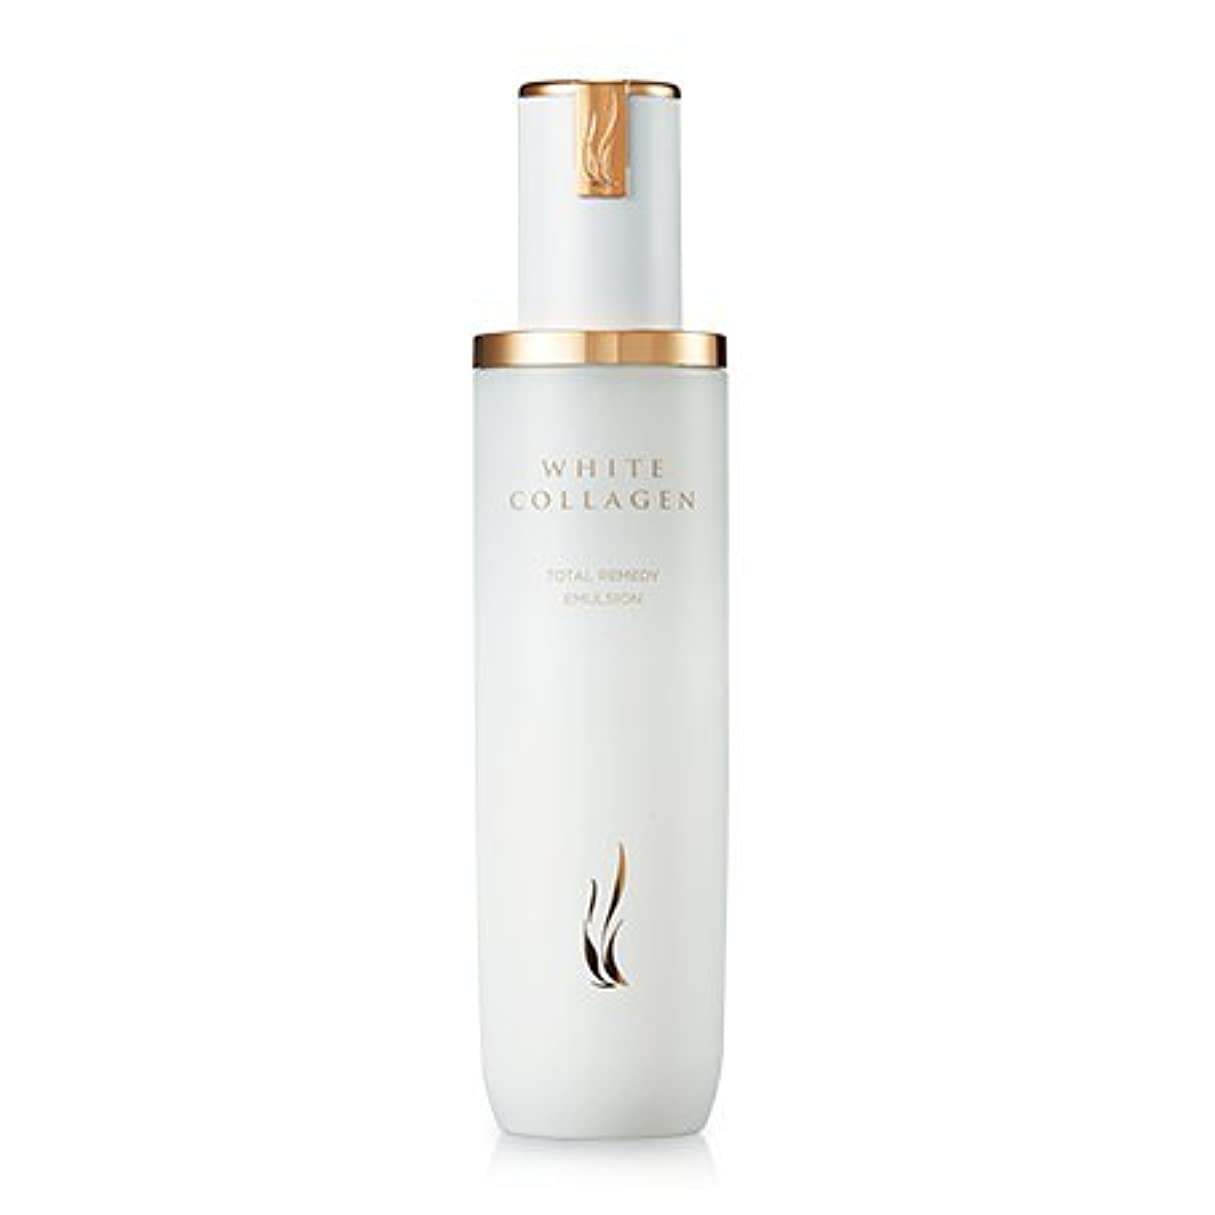 始まり哀れな耐えられない[New] A.H.C (AHC) White Collagen Total Remedy Emulsion 130ml/A.H.C ホワイト コラーゲン トータル レミディ エマルジョン 130ml [並行輸入品]